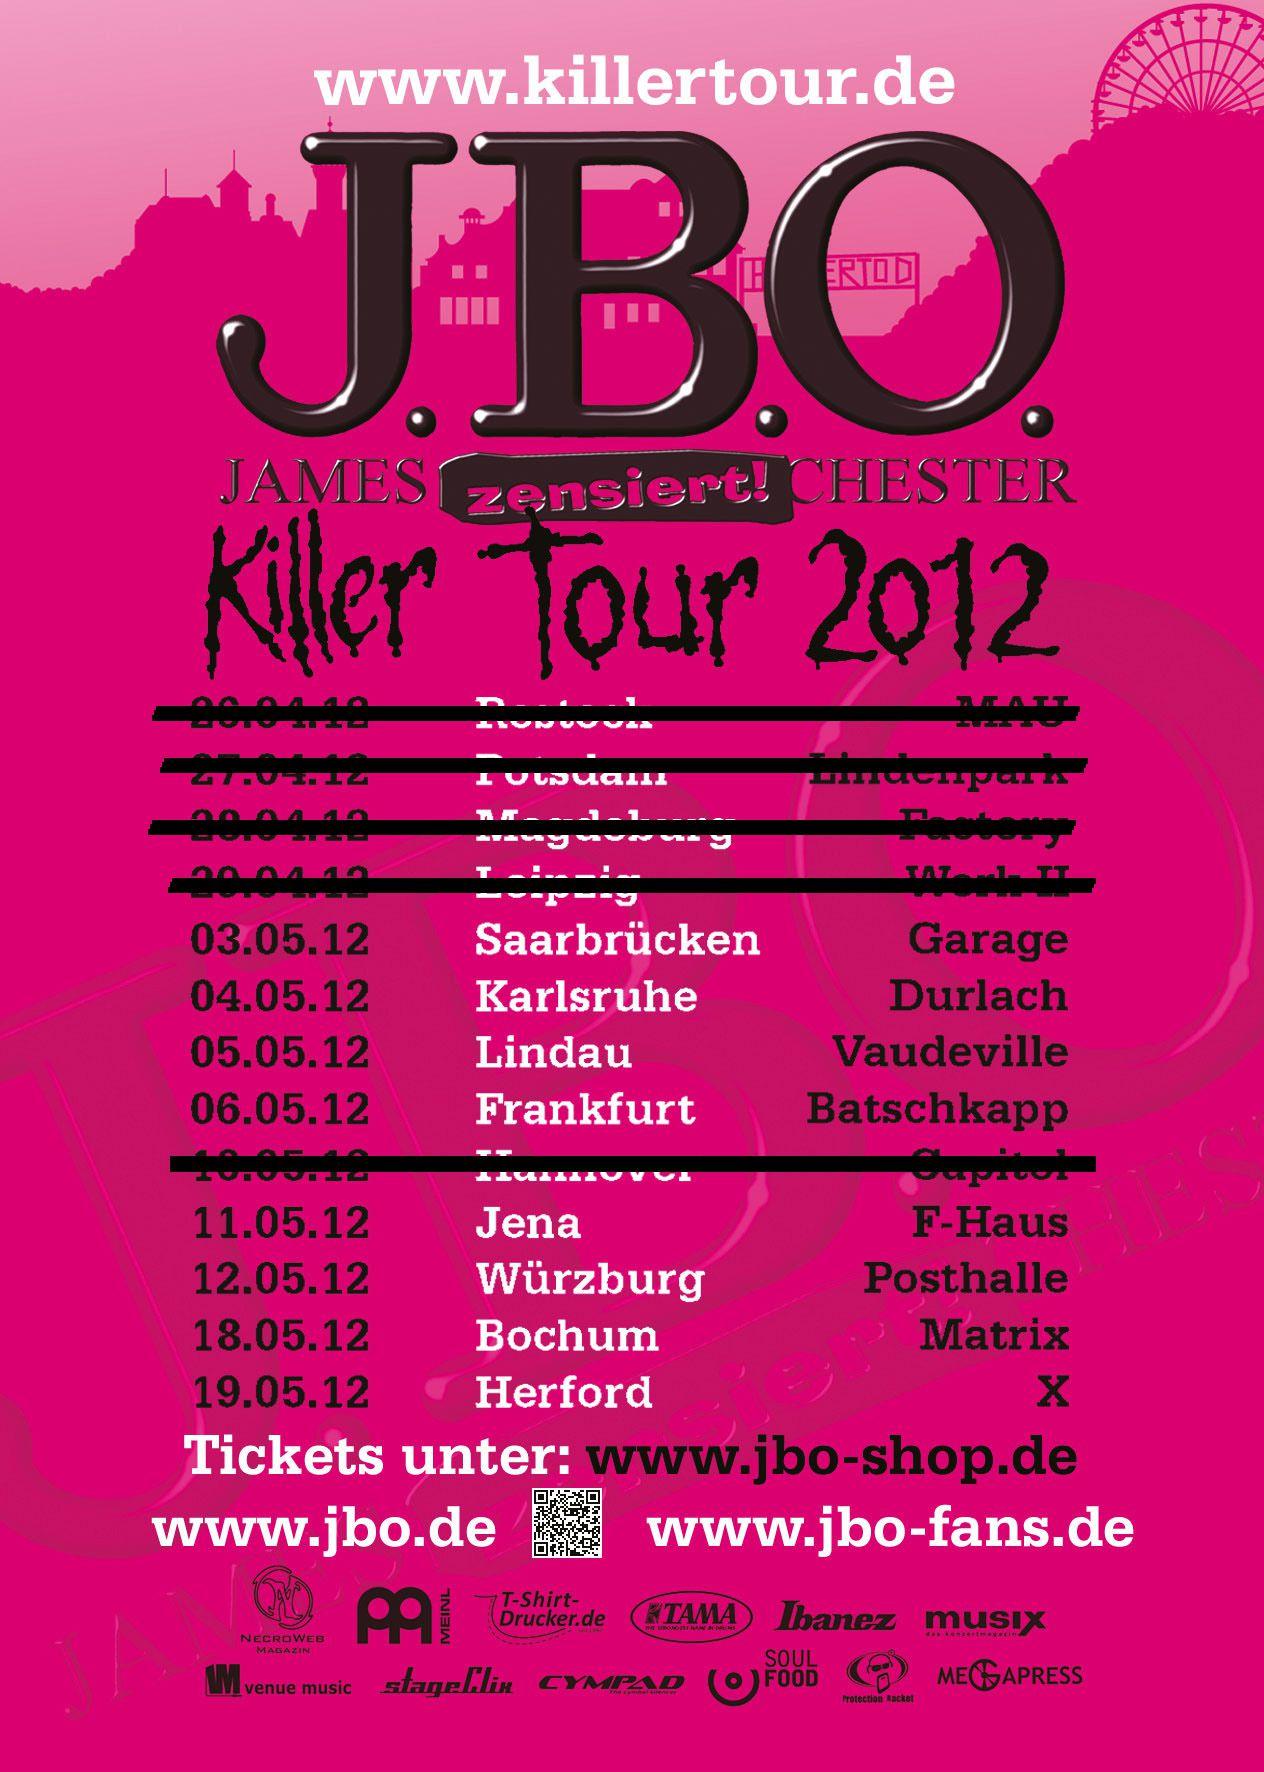 Der erste Tourblock der Killer Tour 2012 muss verschoben werden